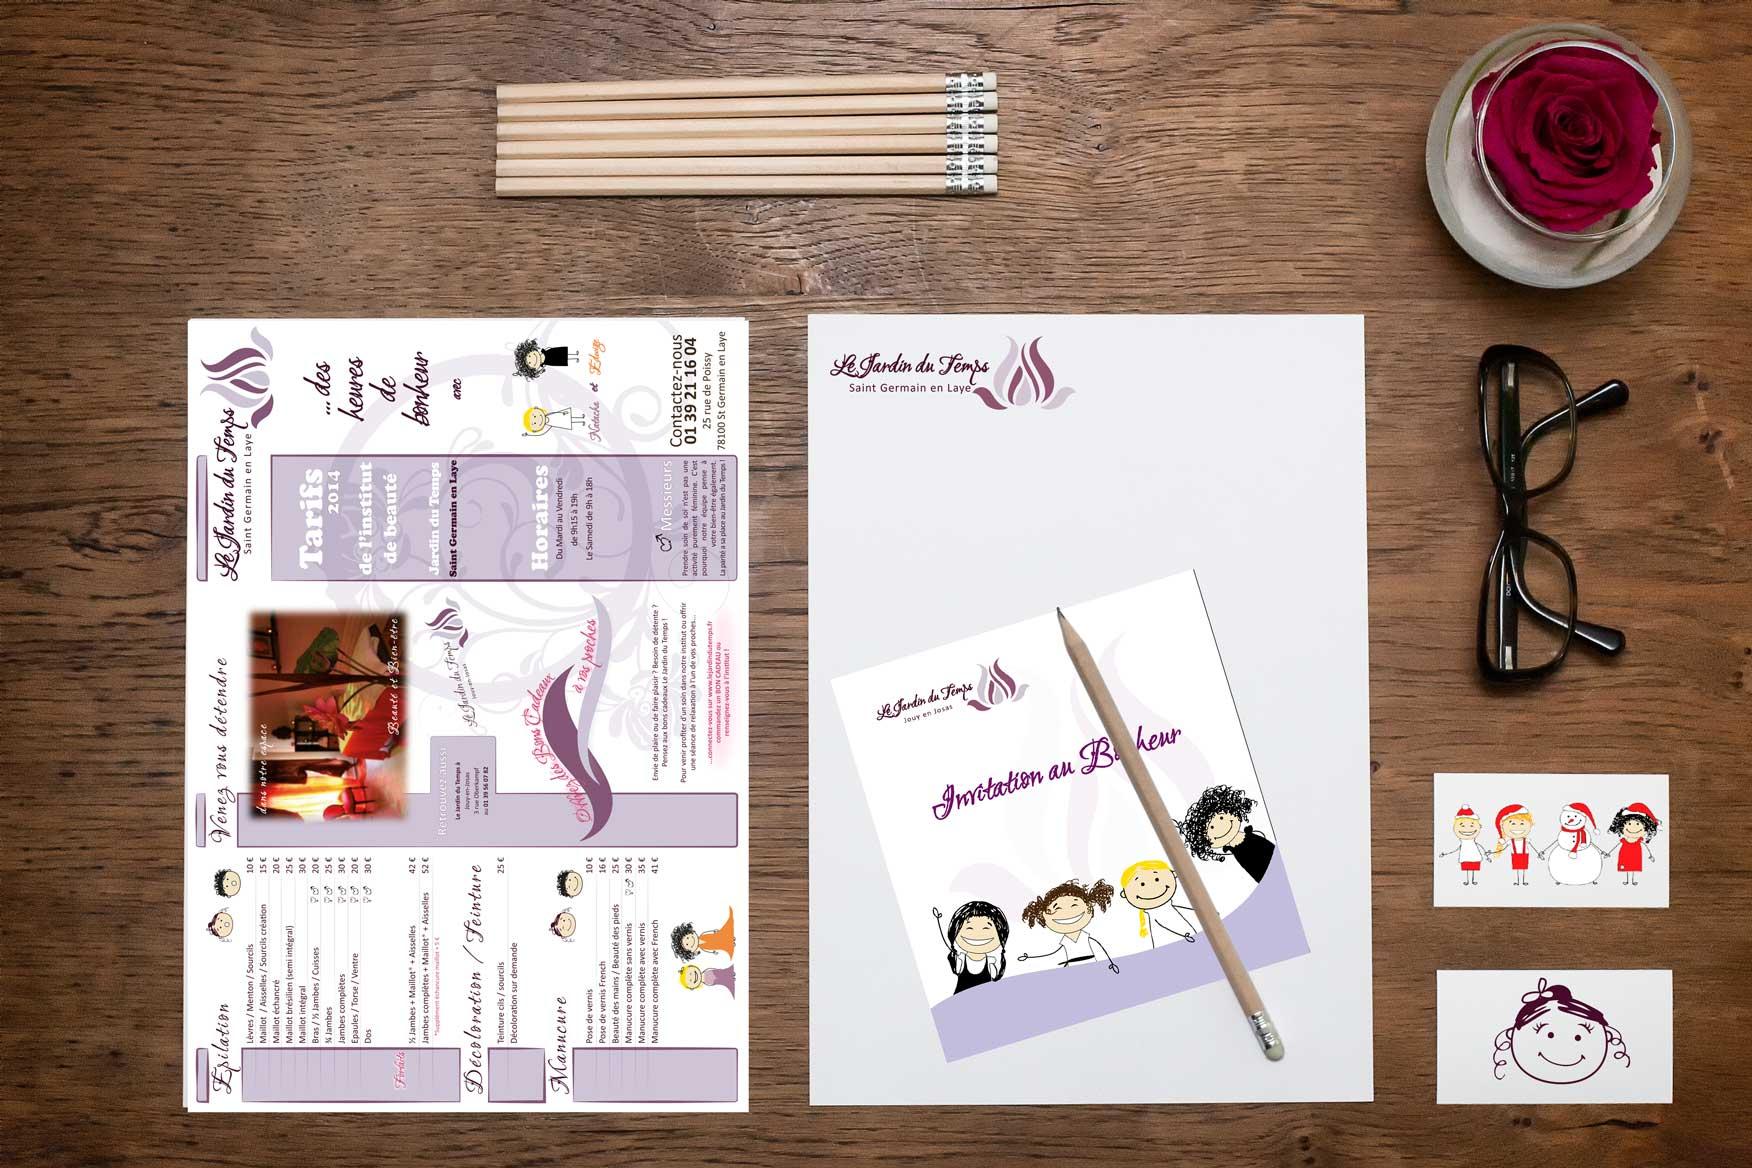 Identité visuelle du JARDIN DU TEMPS : logo, livret tarif, site web, affiche, carte cadeau, carte de fidélité